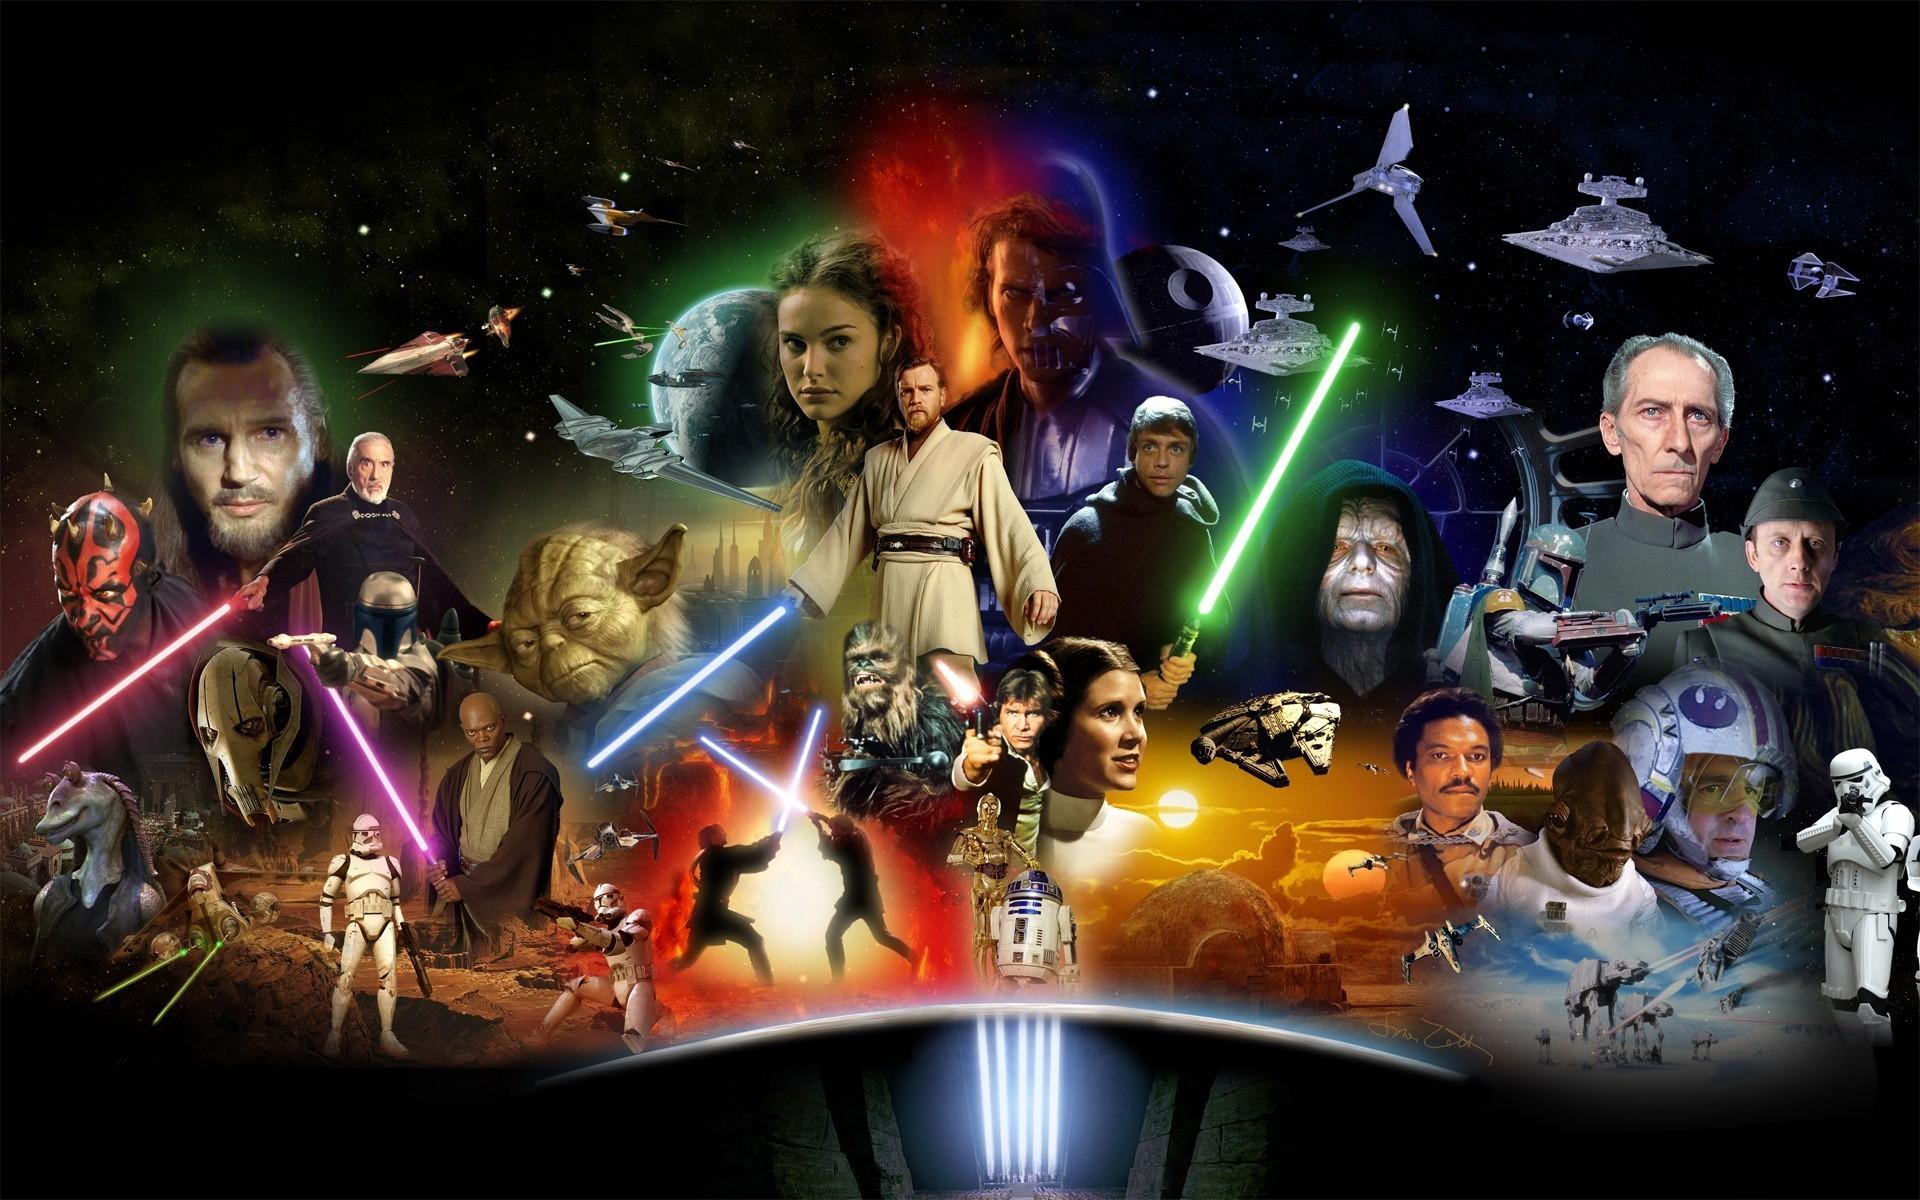 ديزني تحدد موعد متأخرلاطلاق الفيلم الجديد في سلسلة حرب النجوم